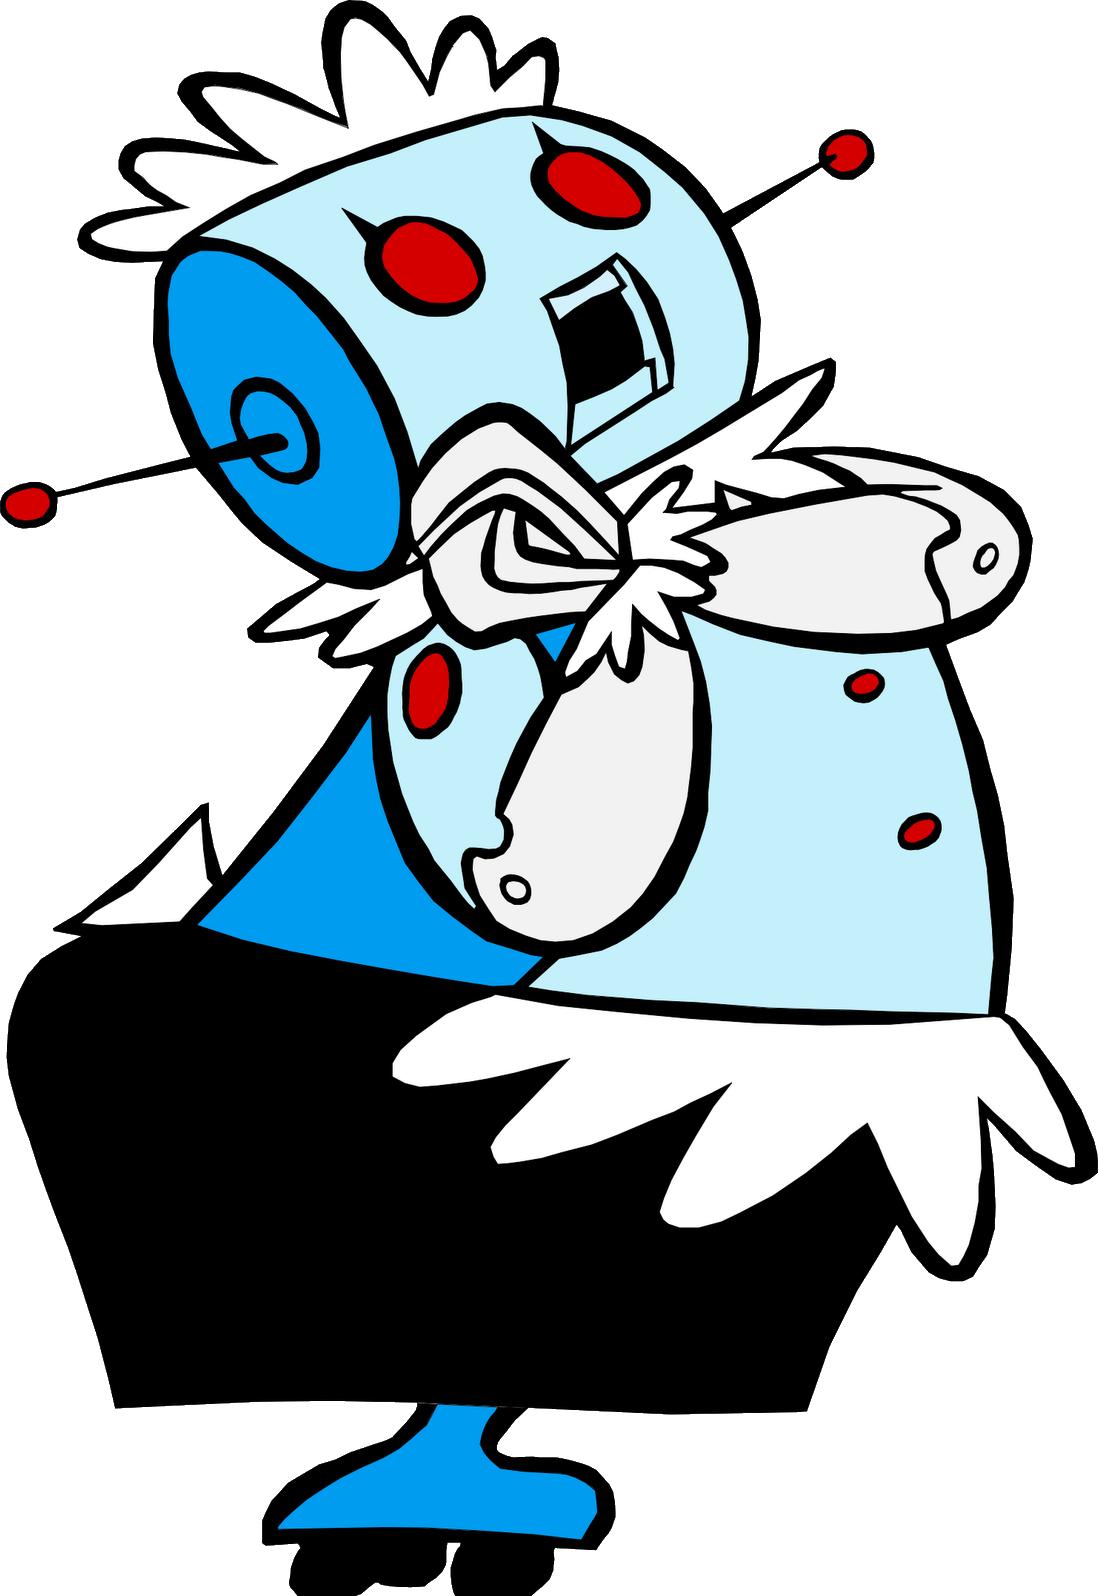 The Jetsons image - rosie | the jetsons wiki | fandom poweredwikia